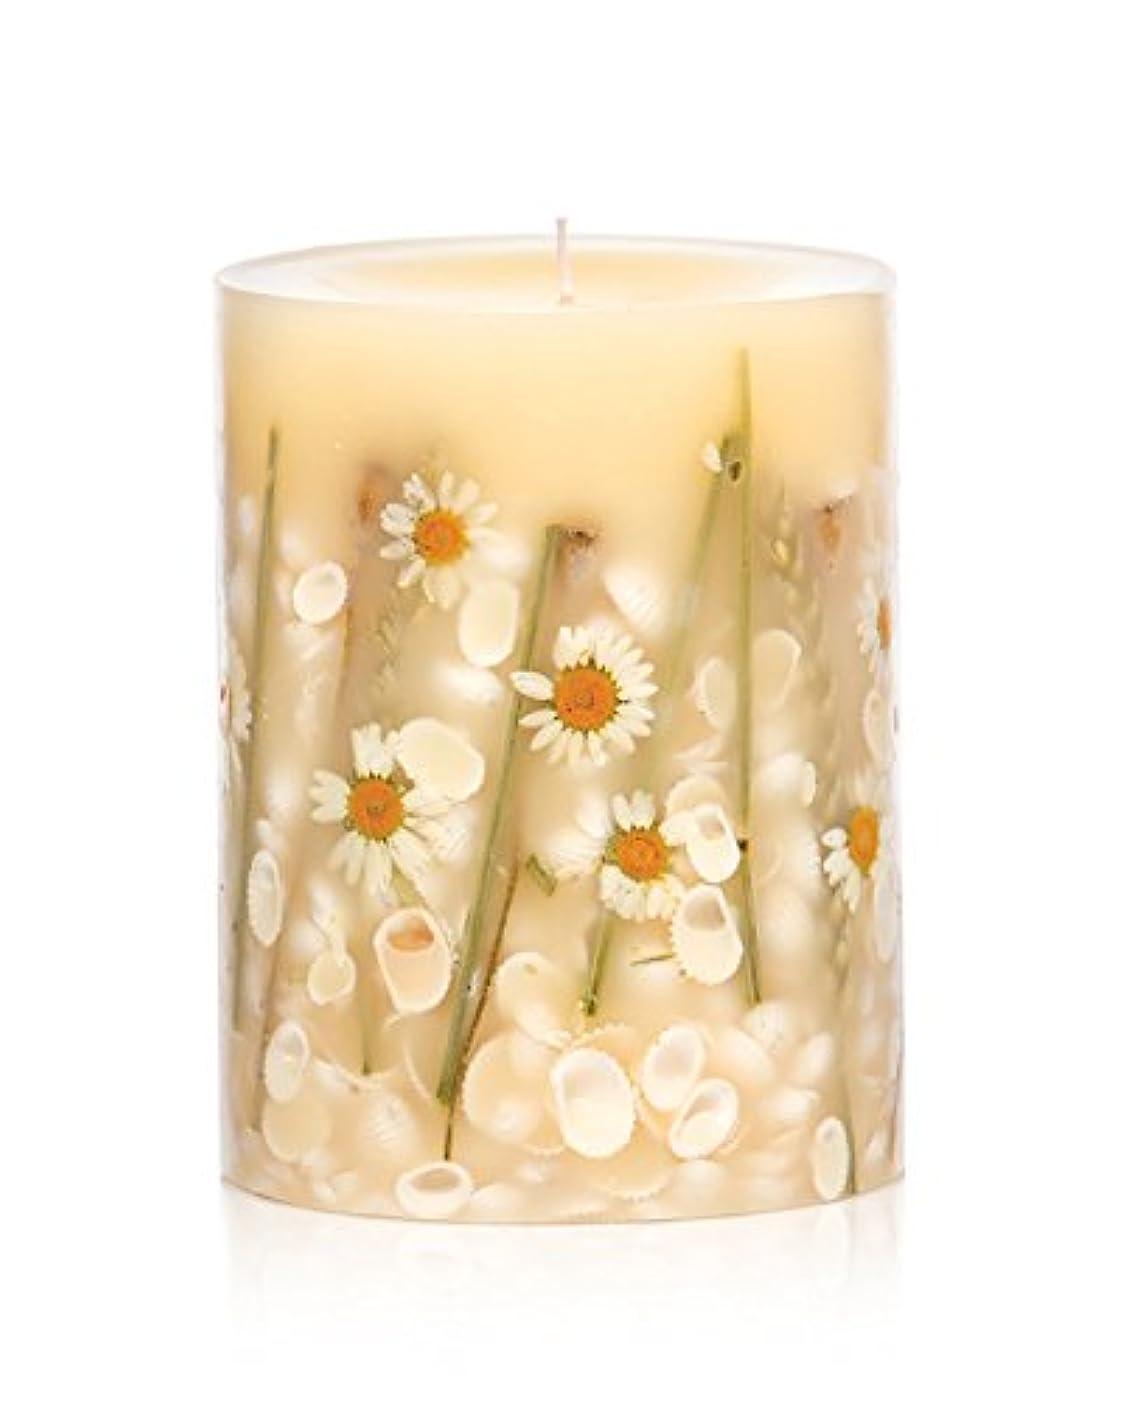 したい配偶者乳剤ロージーリングス ボタニカルキャンドル ラウンド ビーチデイジー ROSY RINGS Round Botanical Candle Round – Beach Daisy